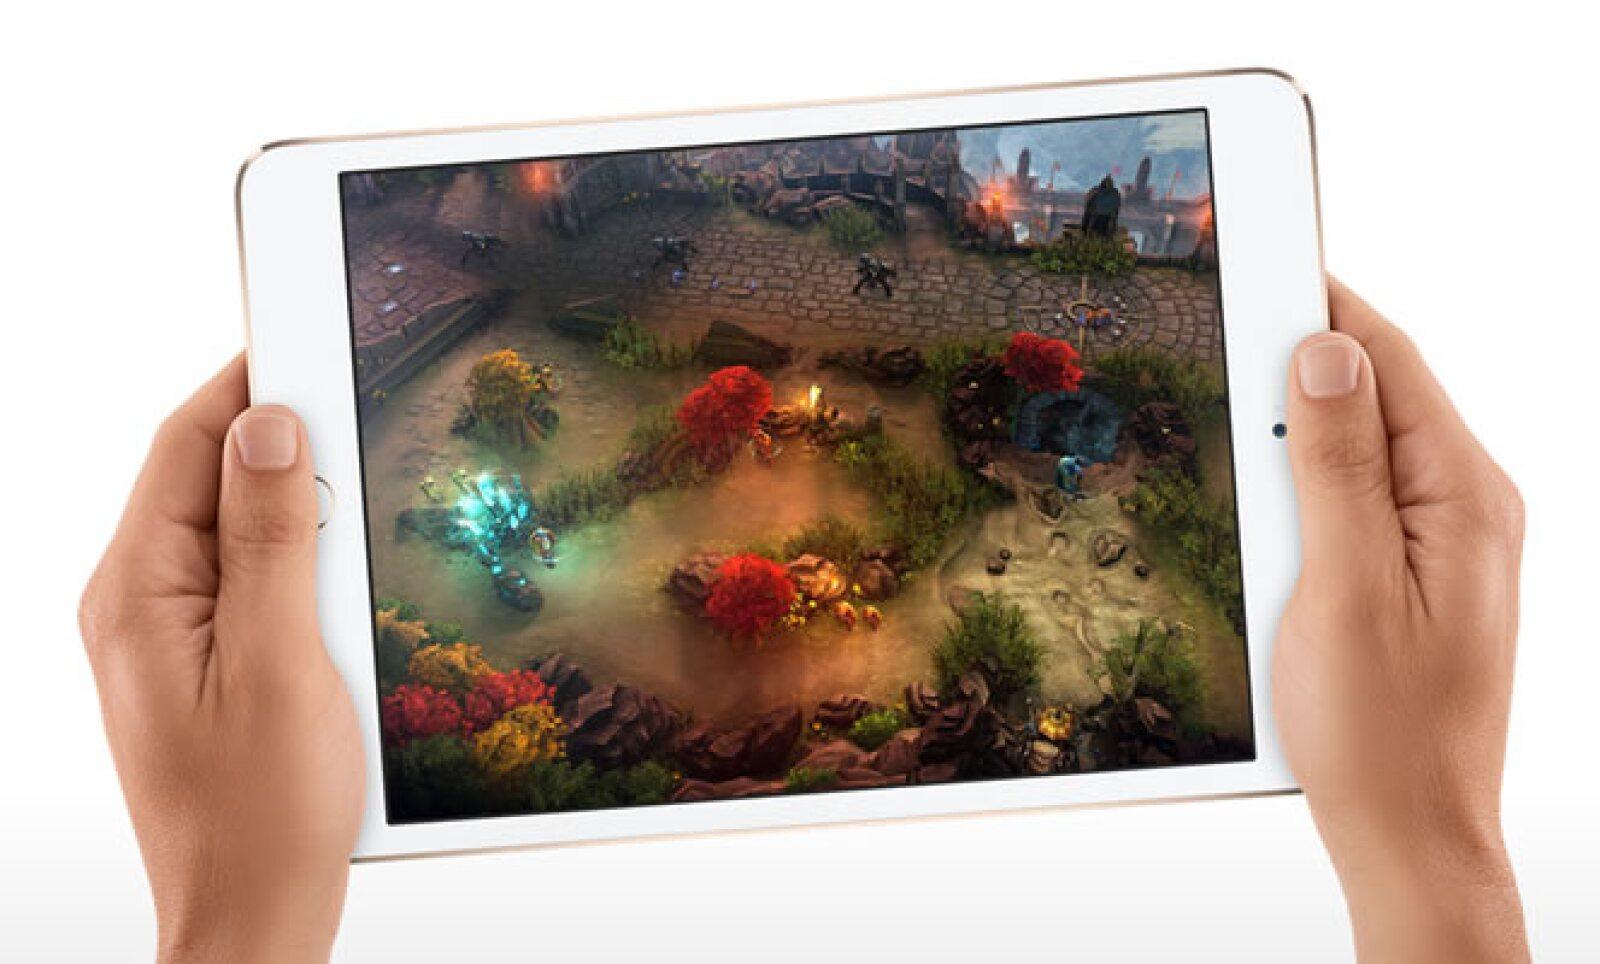 La tableta cuenta con un chip A7 con arquitectura de 64 bits, lo que le permite un alto rendimiento sin sacrificar batería.